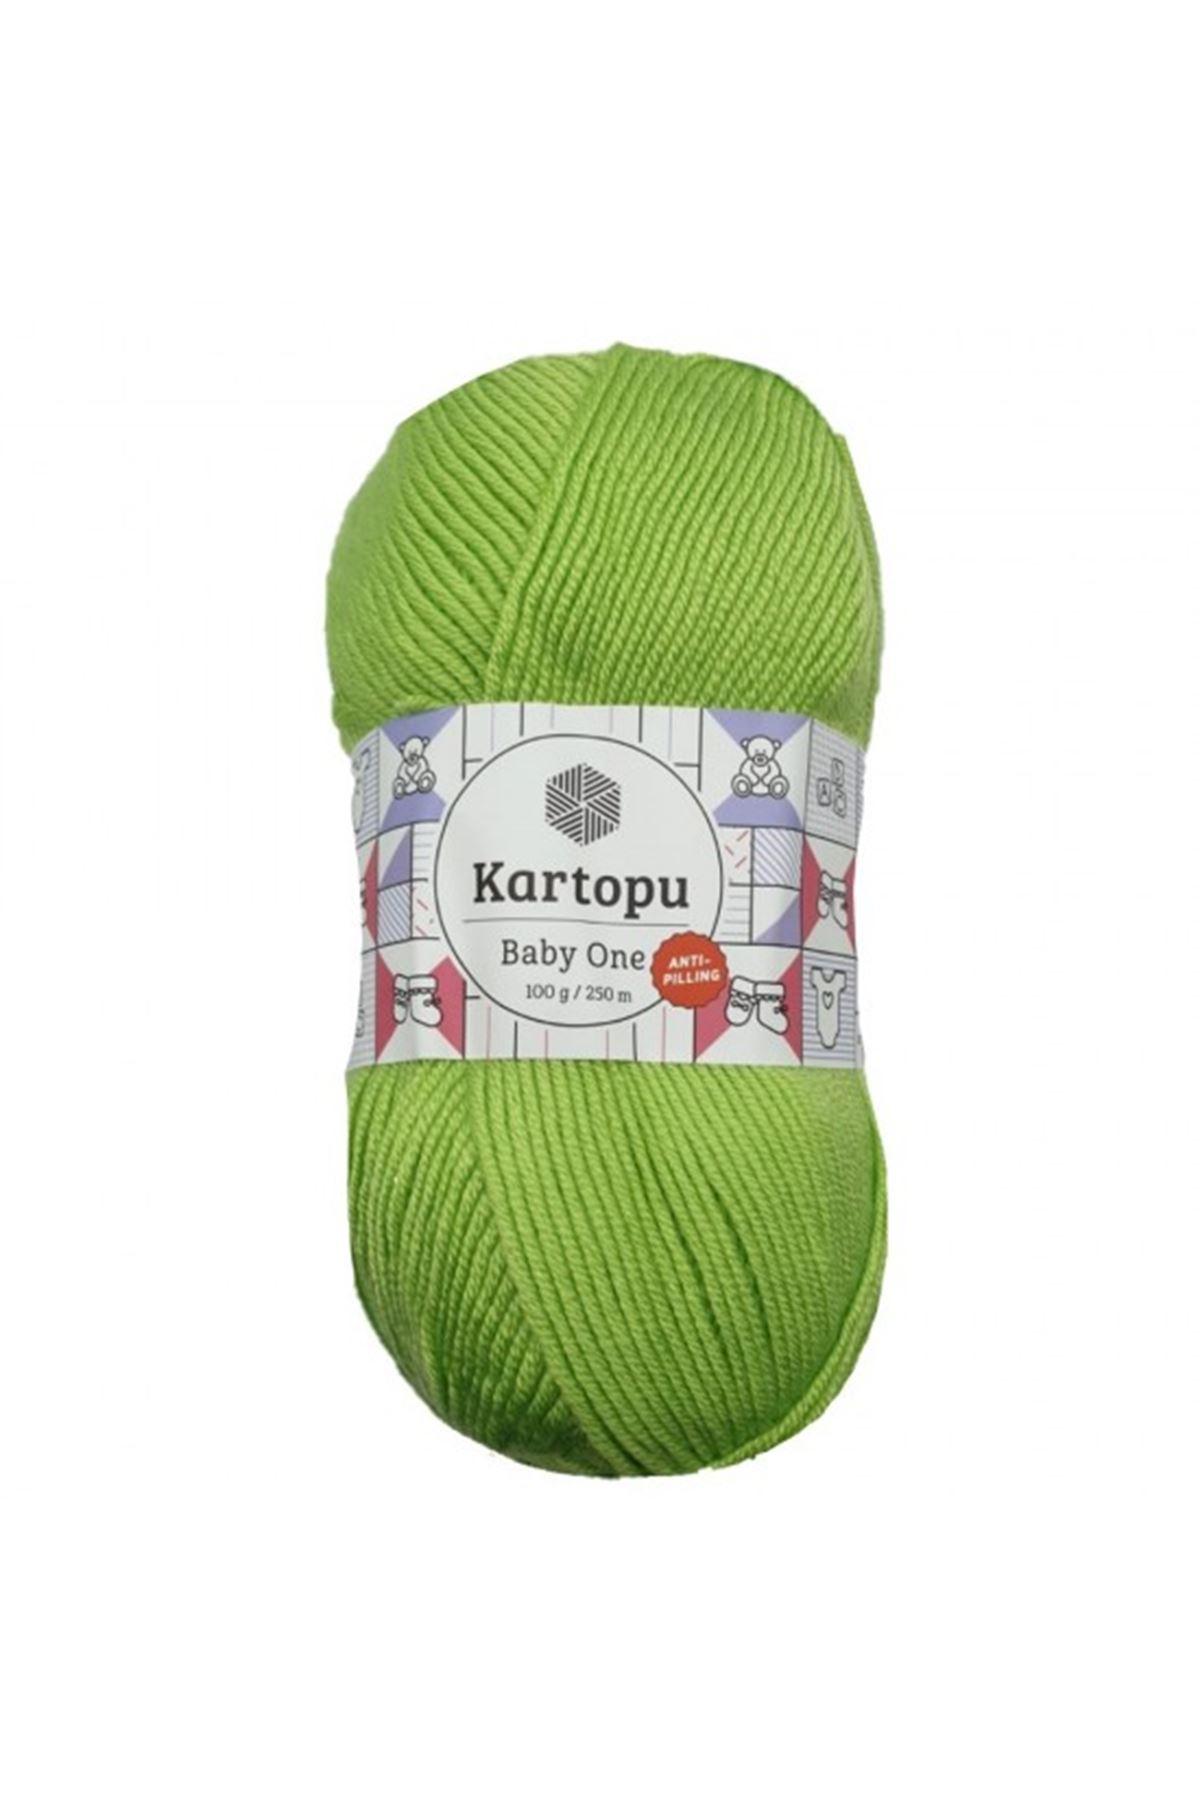 Kartopu Baby One 494 Filiz Yeşil